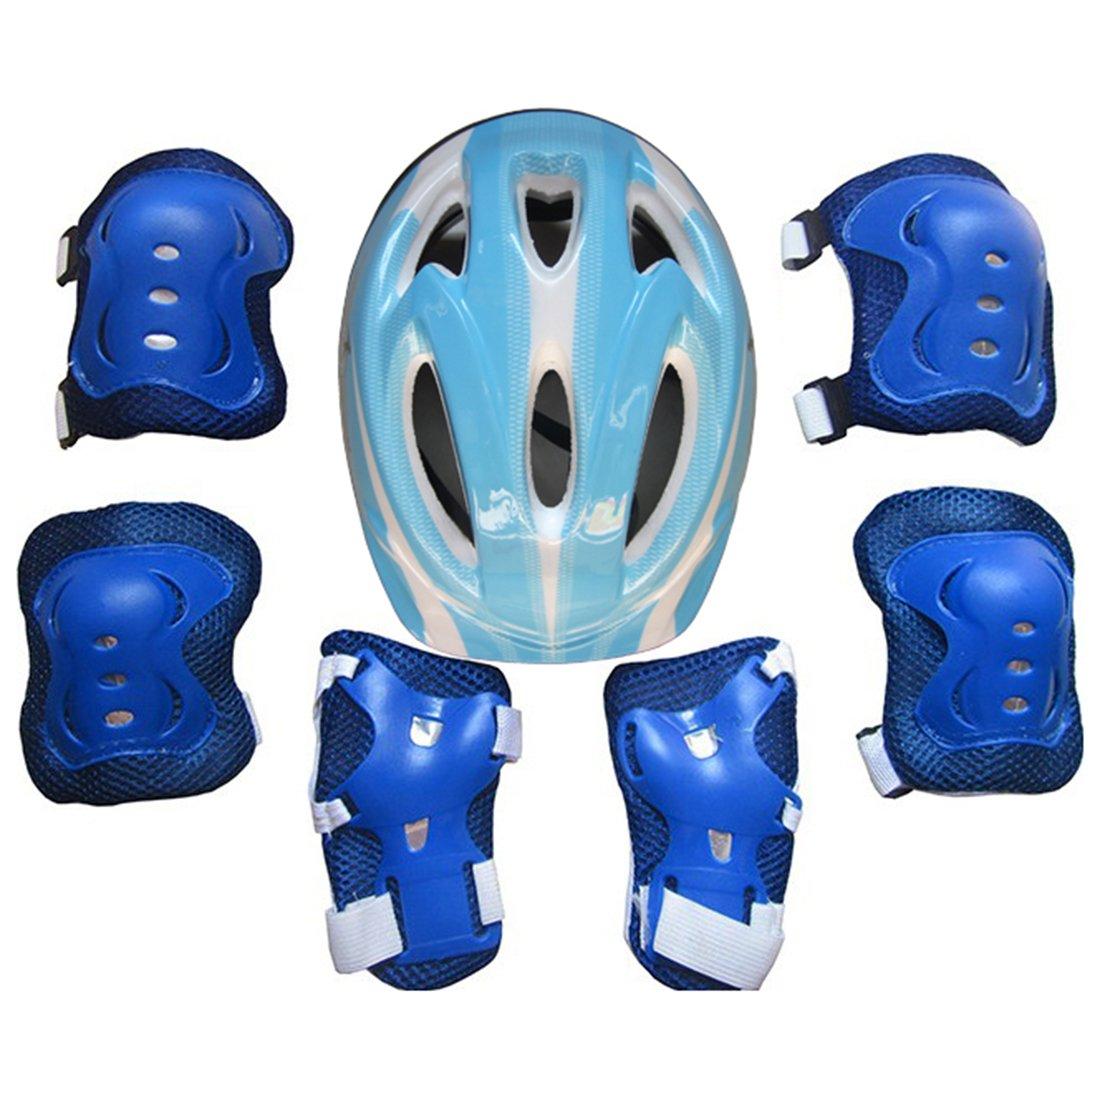 ivansa Juego de Niños 7–Juego de protectores Casco Rodilleras Coderas–Muñequeras Set de protección para niños de 5–12años, color b, tamaño 5-12